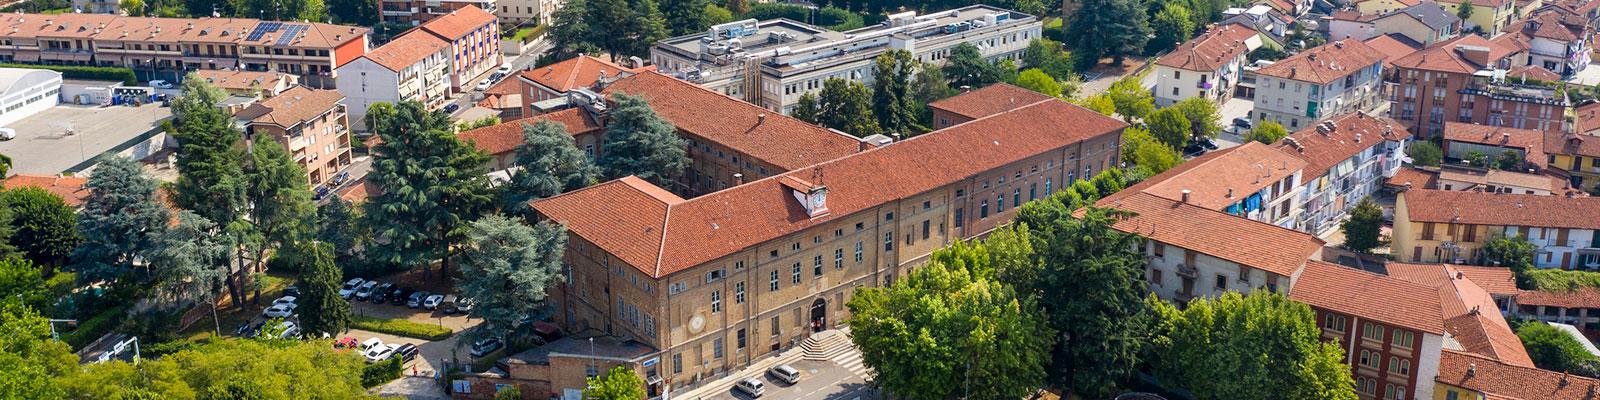 Ospedale Michele e Pietro Ferrero - Verduno